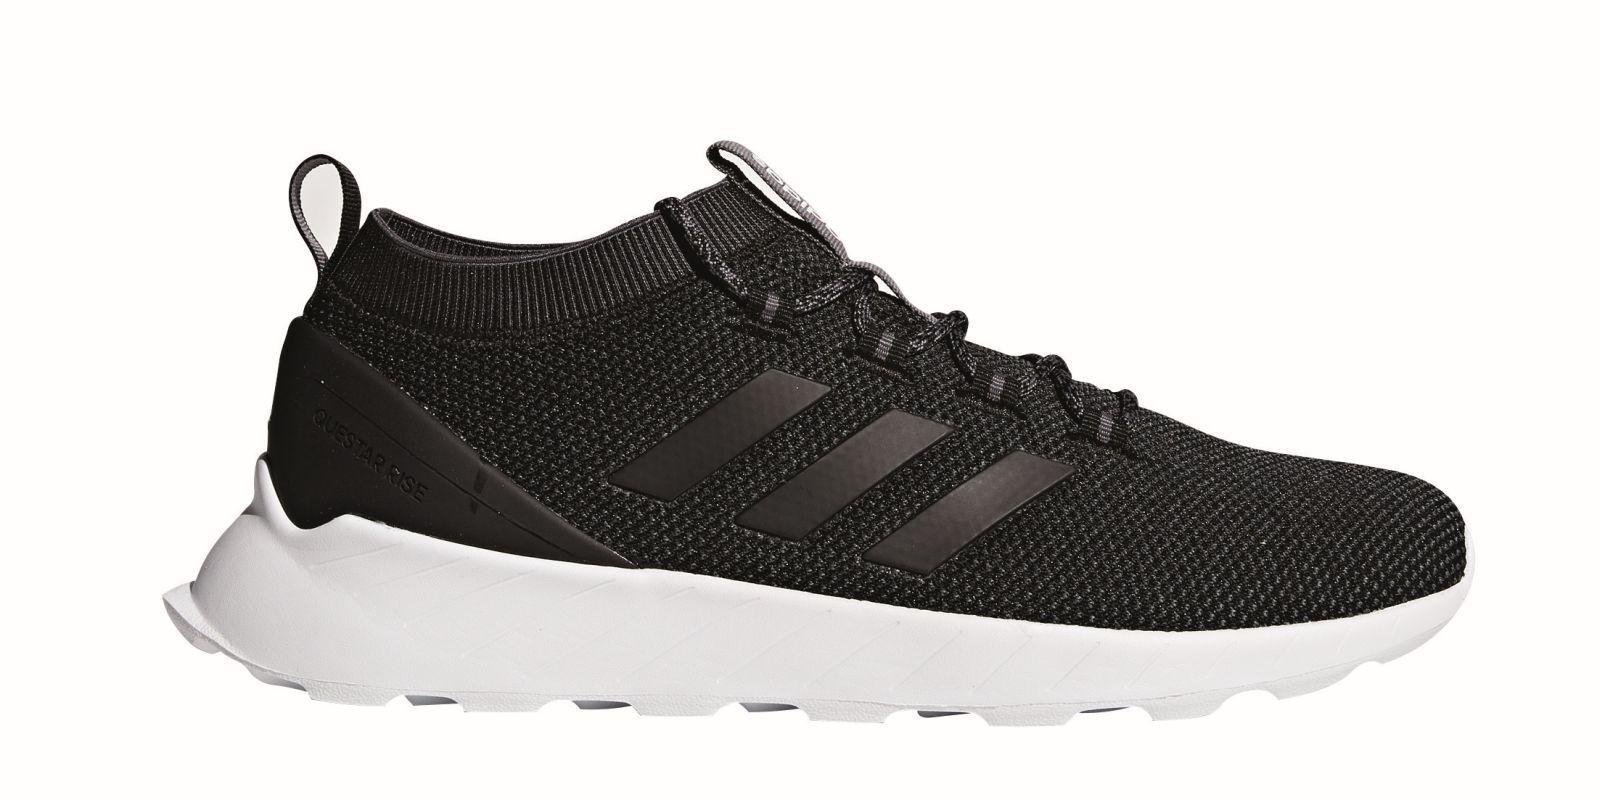 Adidas Core Herren Freizeitschuh QUESTAR RISE schwarz weiß